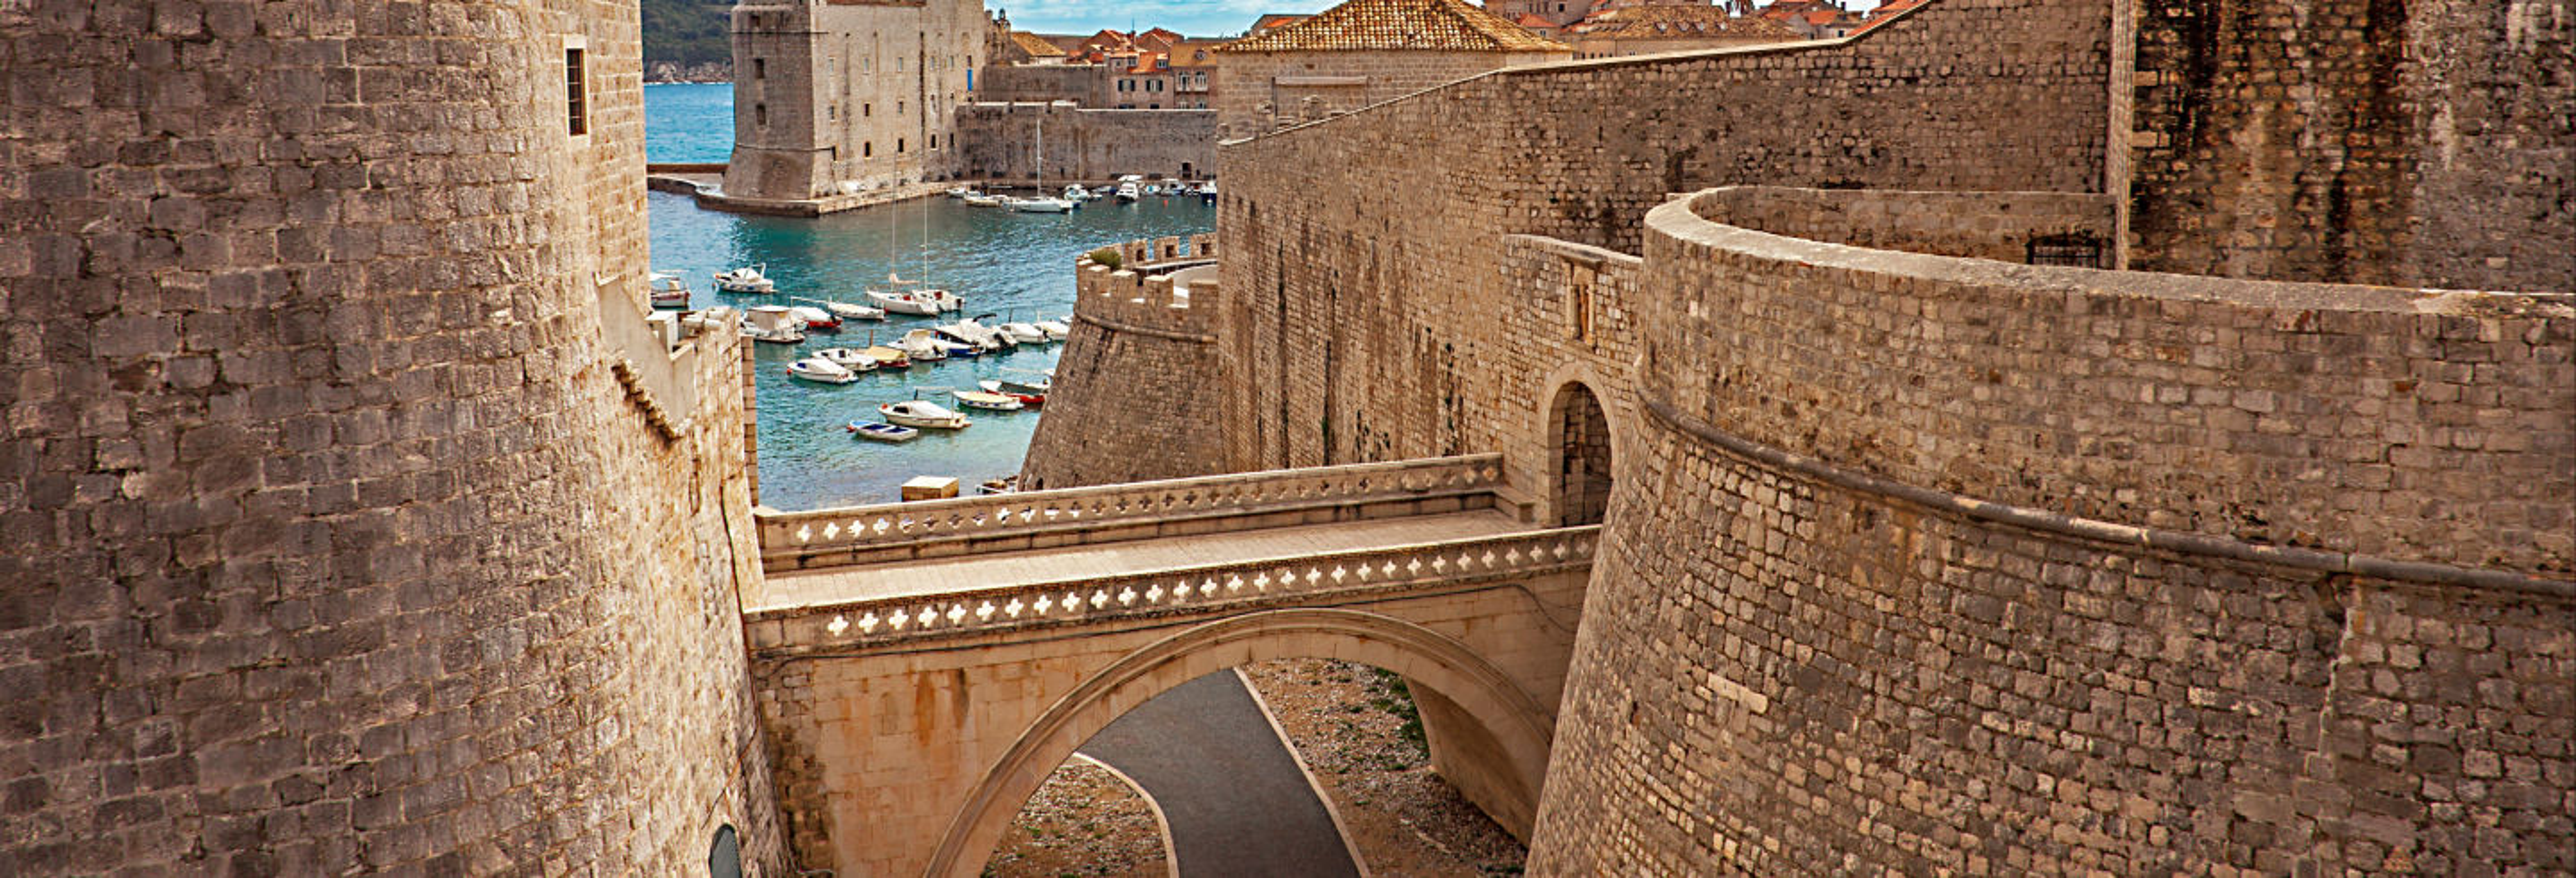 Visita guiada por Dubrovnik + Paseo en barco